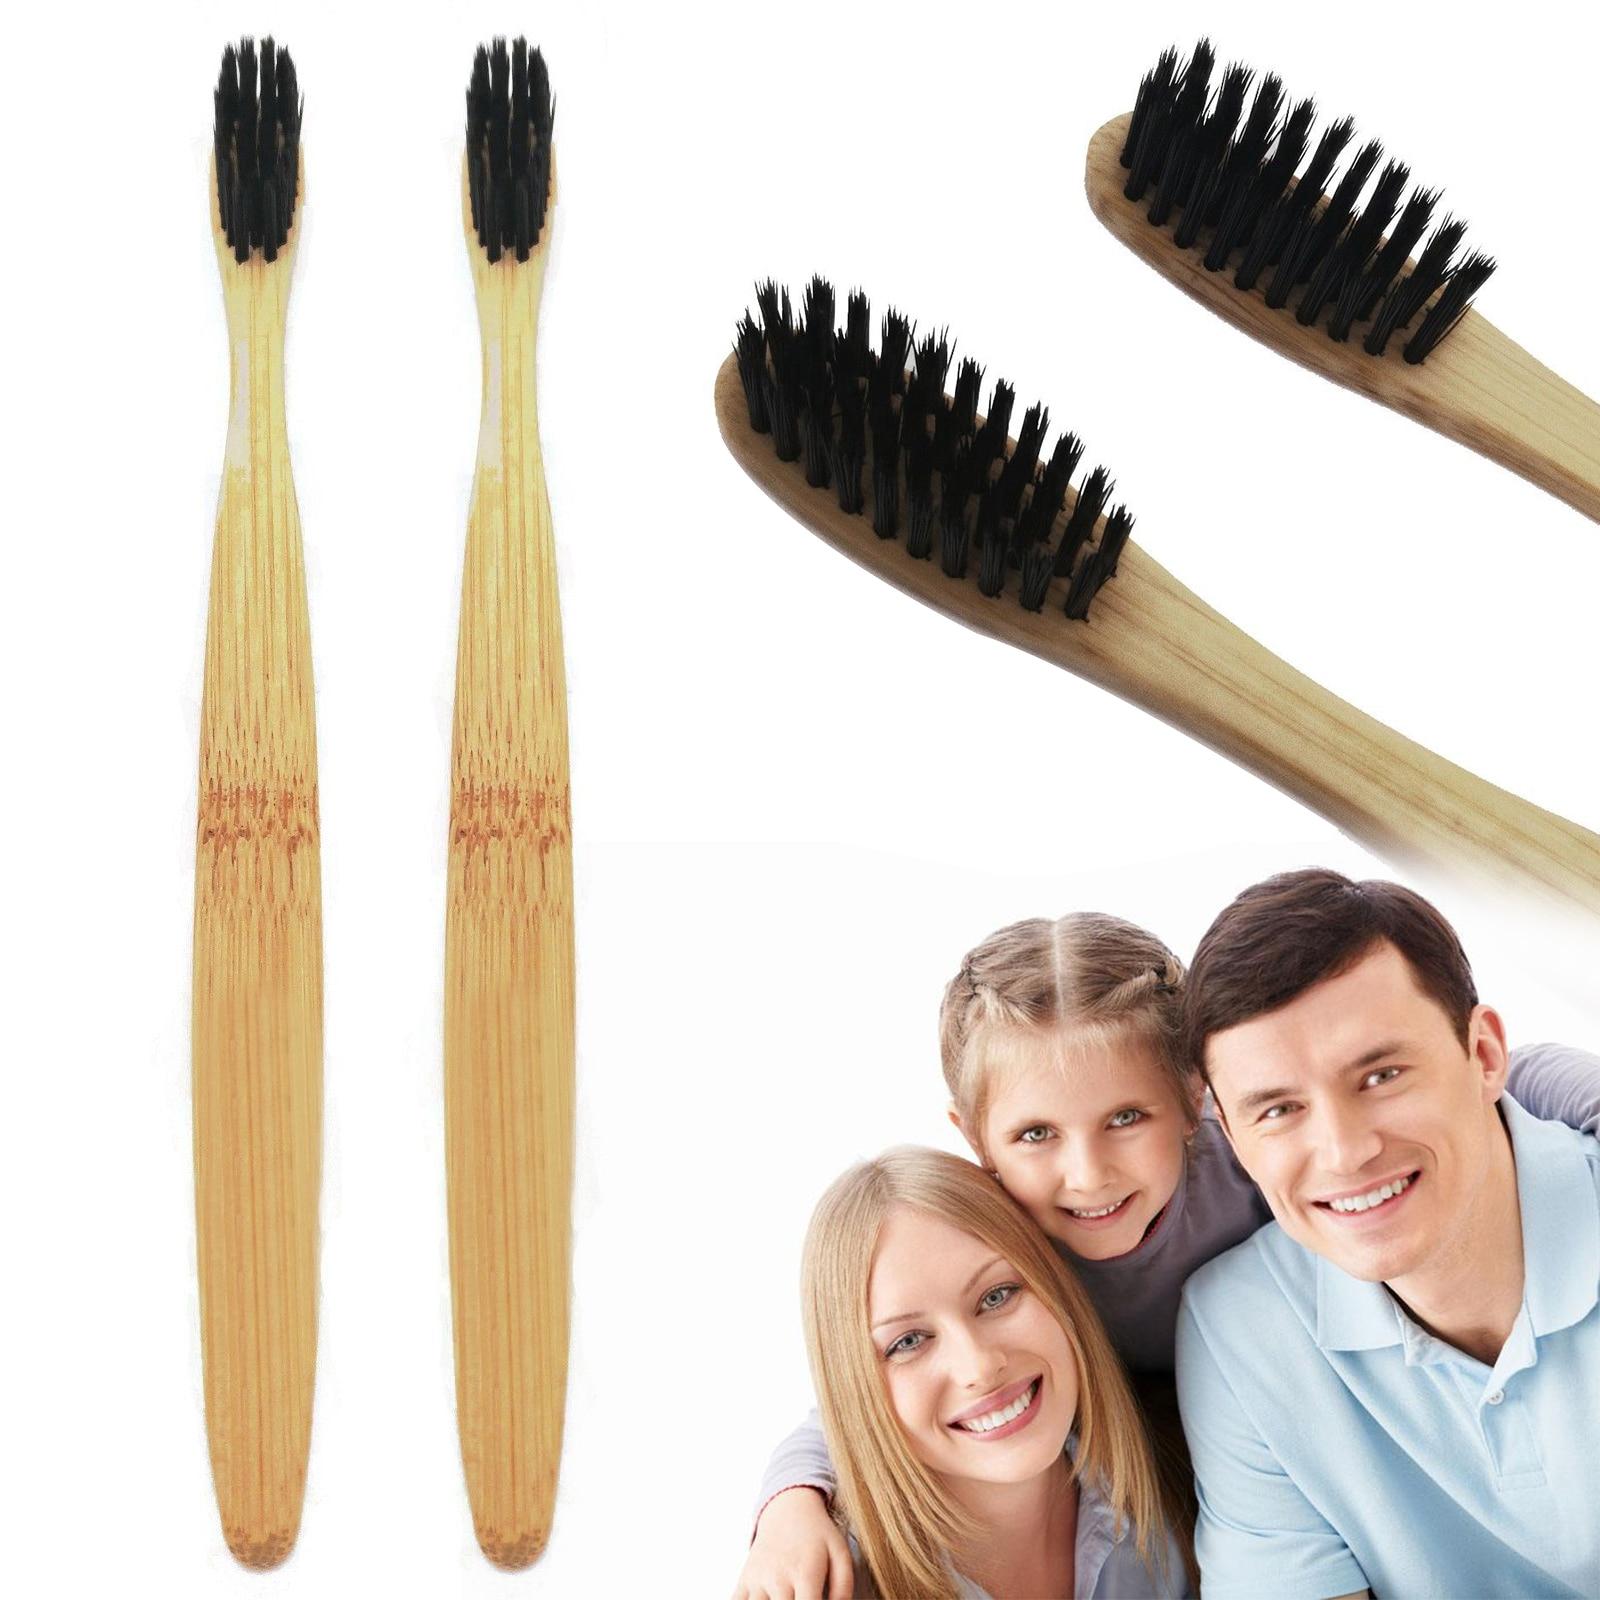 Новая зубная щетка из натурального бамбука бамбуковыми углями с низким содержанием углерода бамбук нейлон деревянная ручка зубная щетка 1 ...